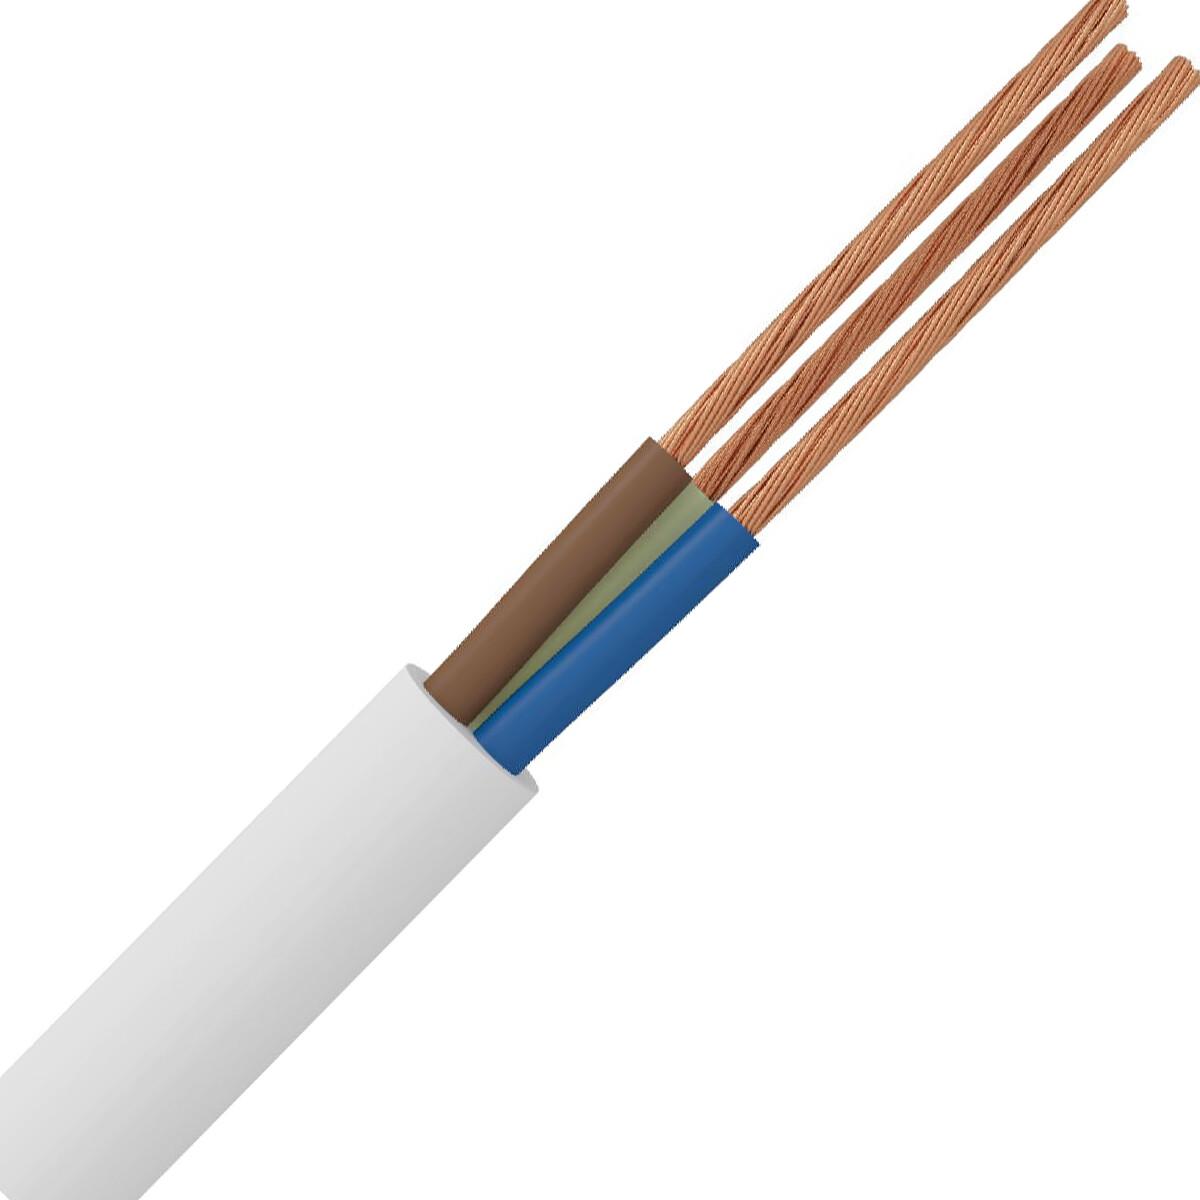 Stroomkabel - 3x2.5mm - 3 Aderig - 100 Meter - Wit